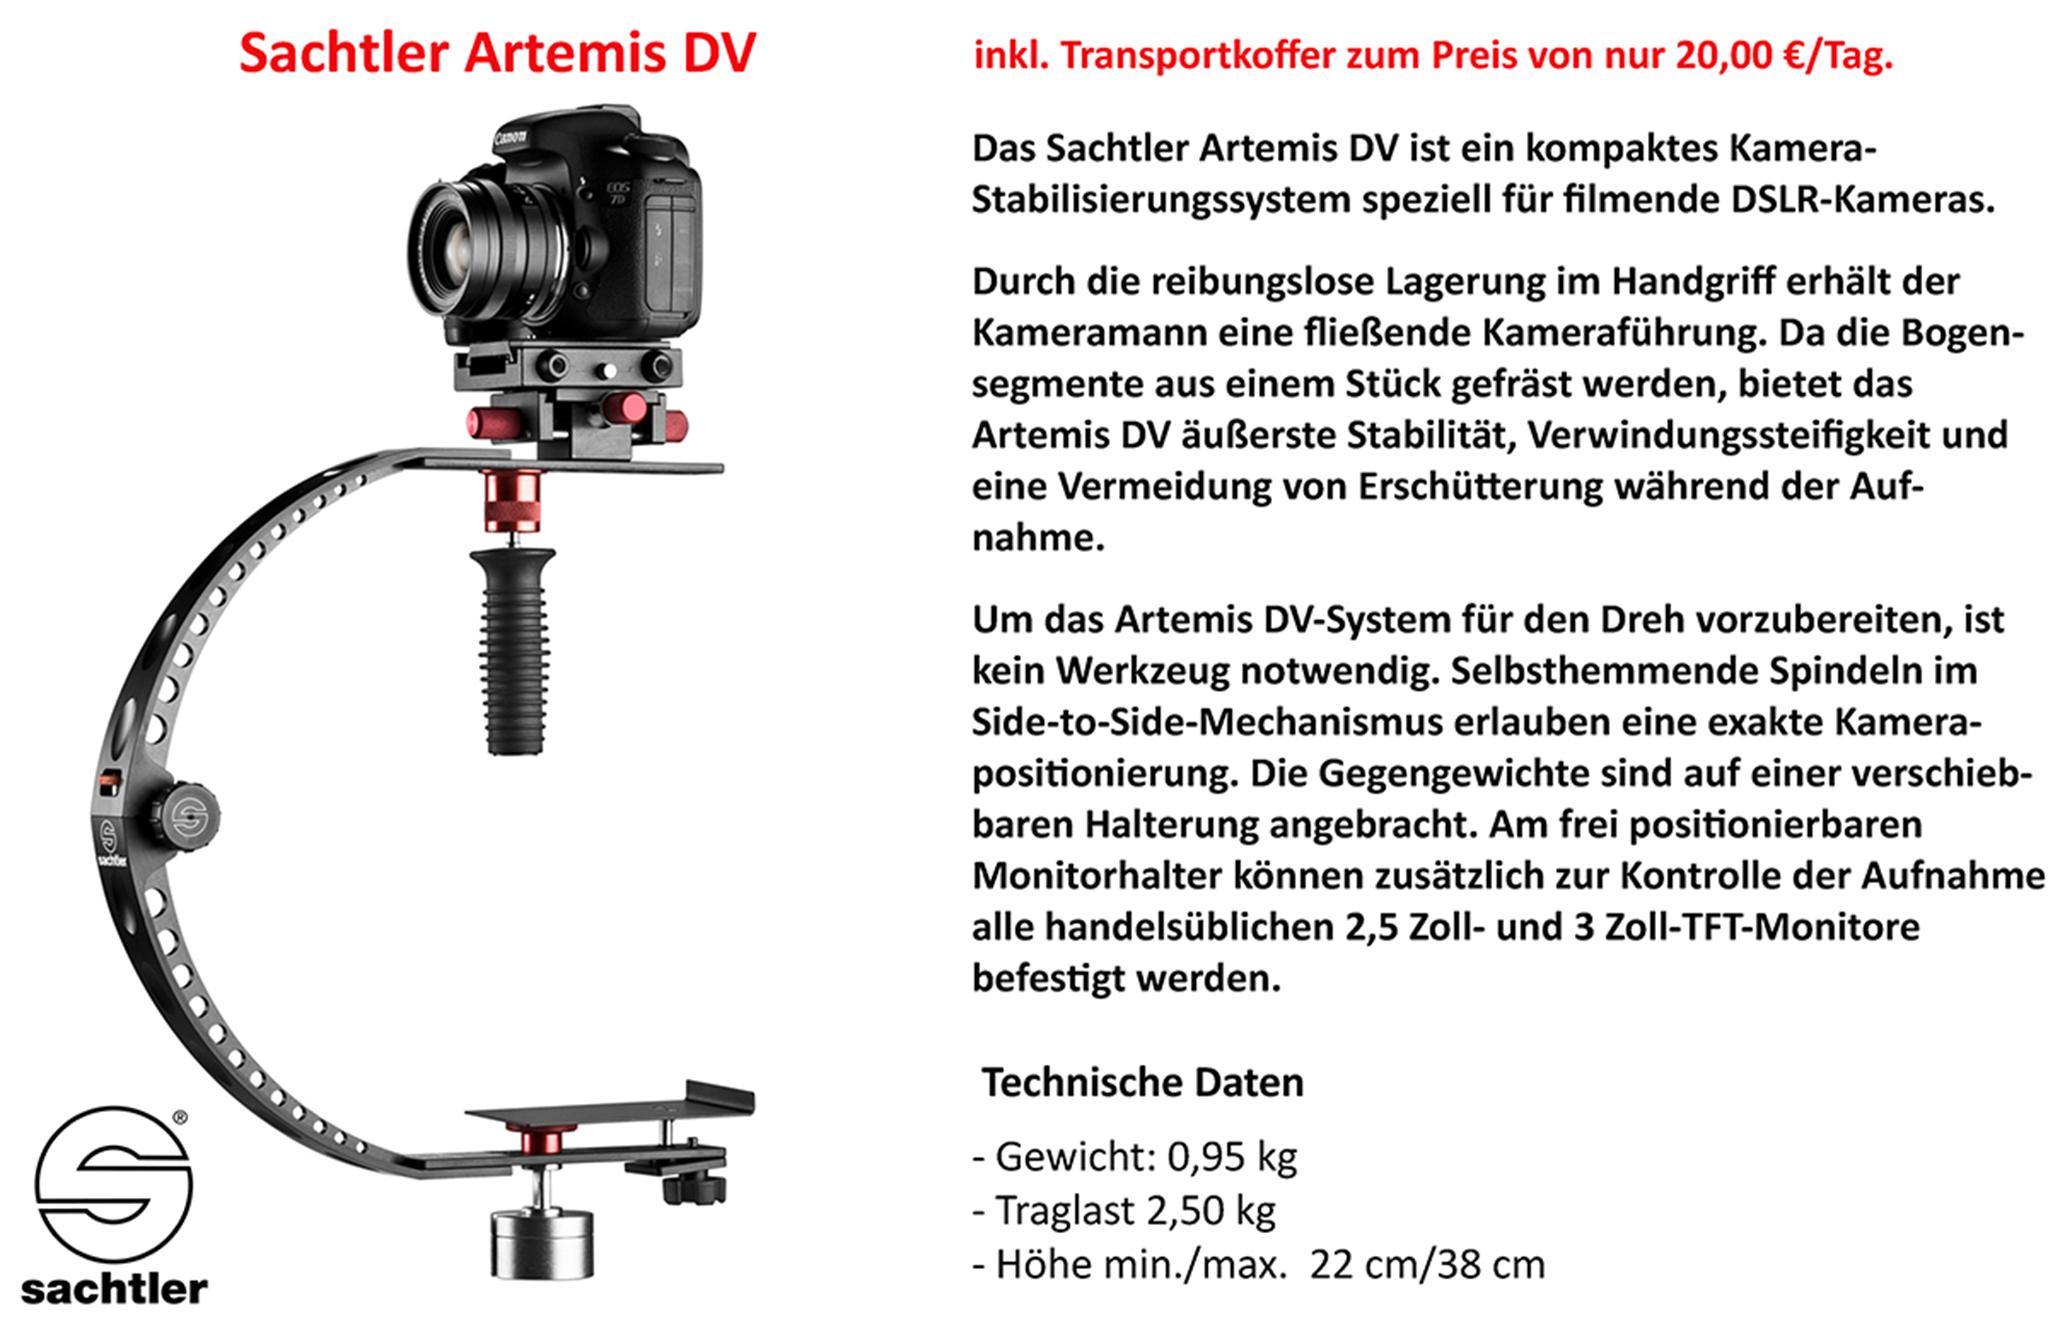 Sachtler Artemis DV